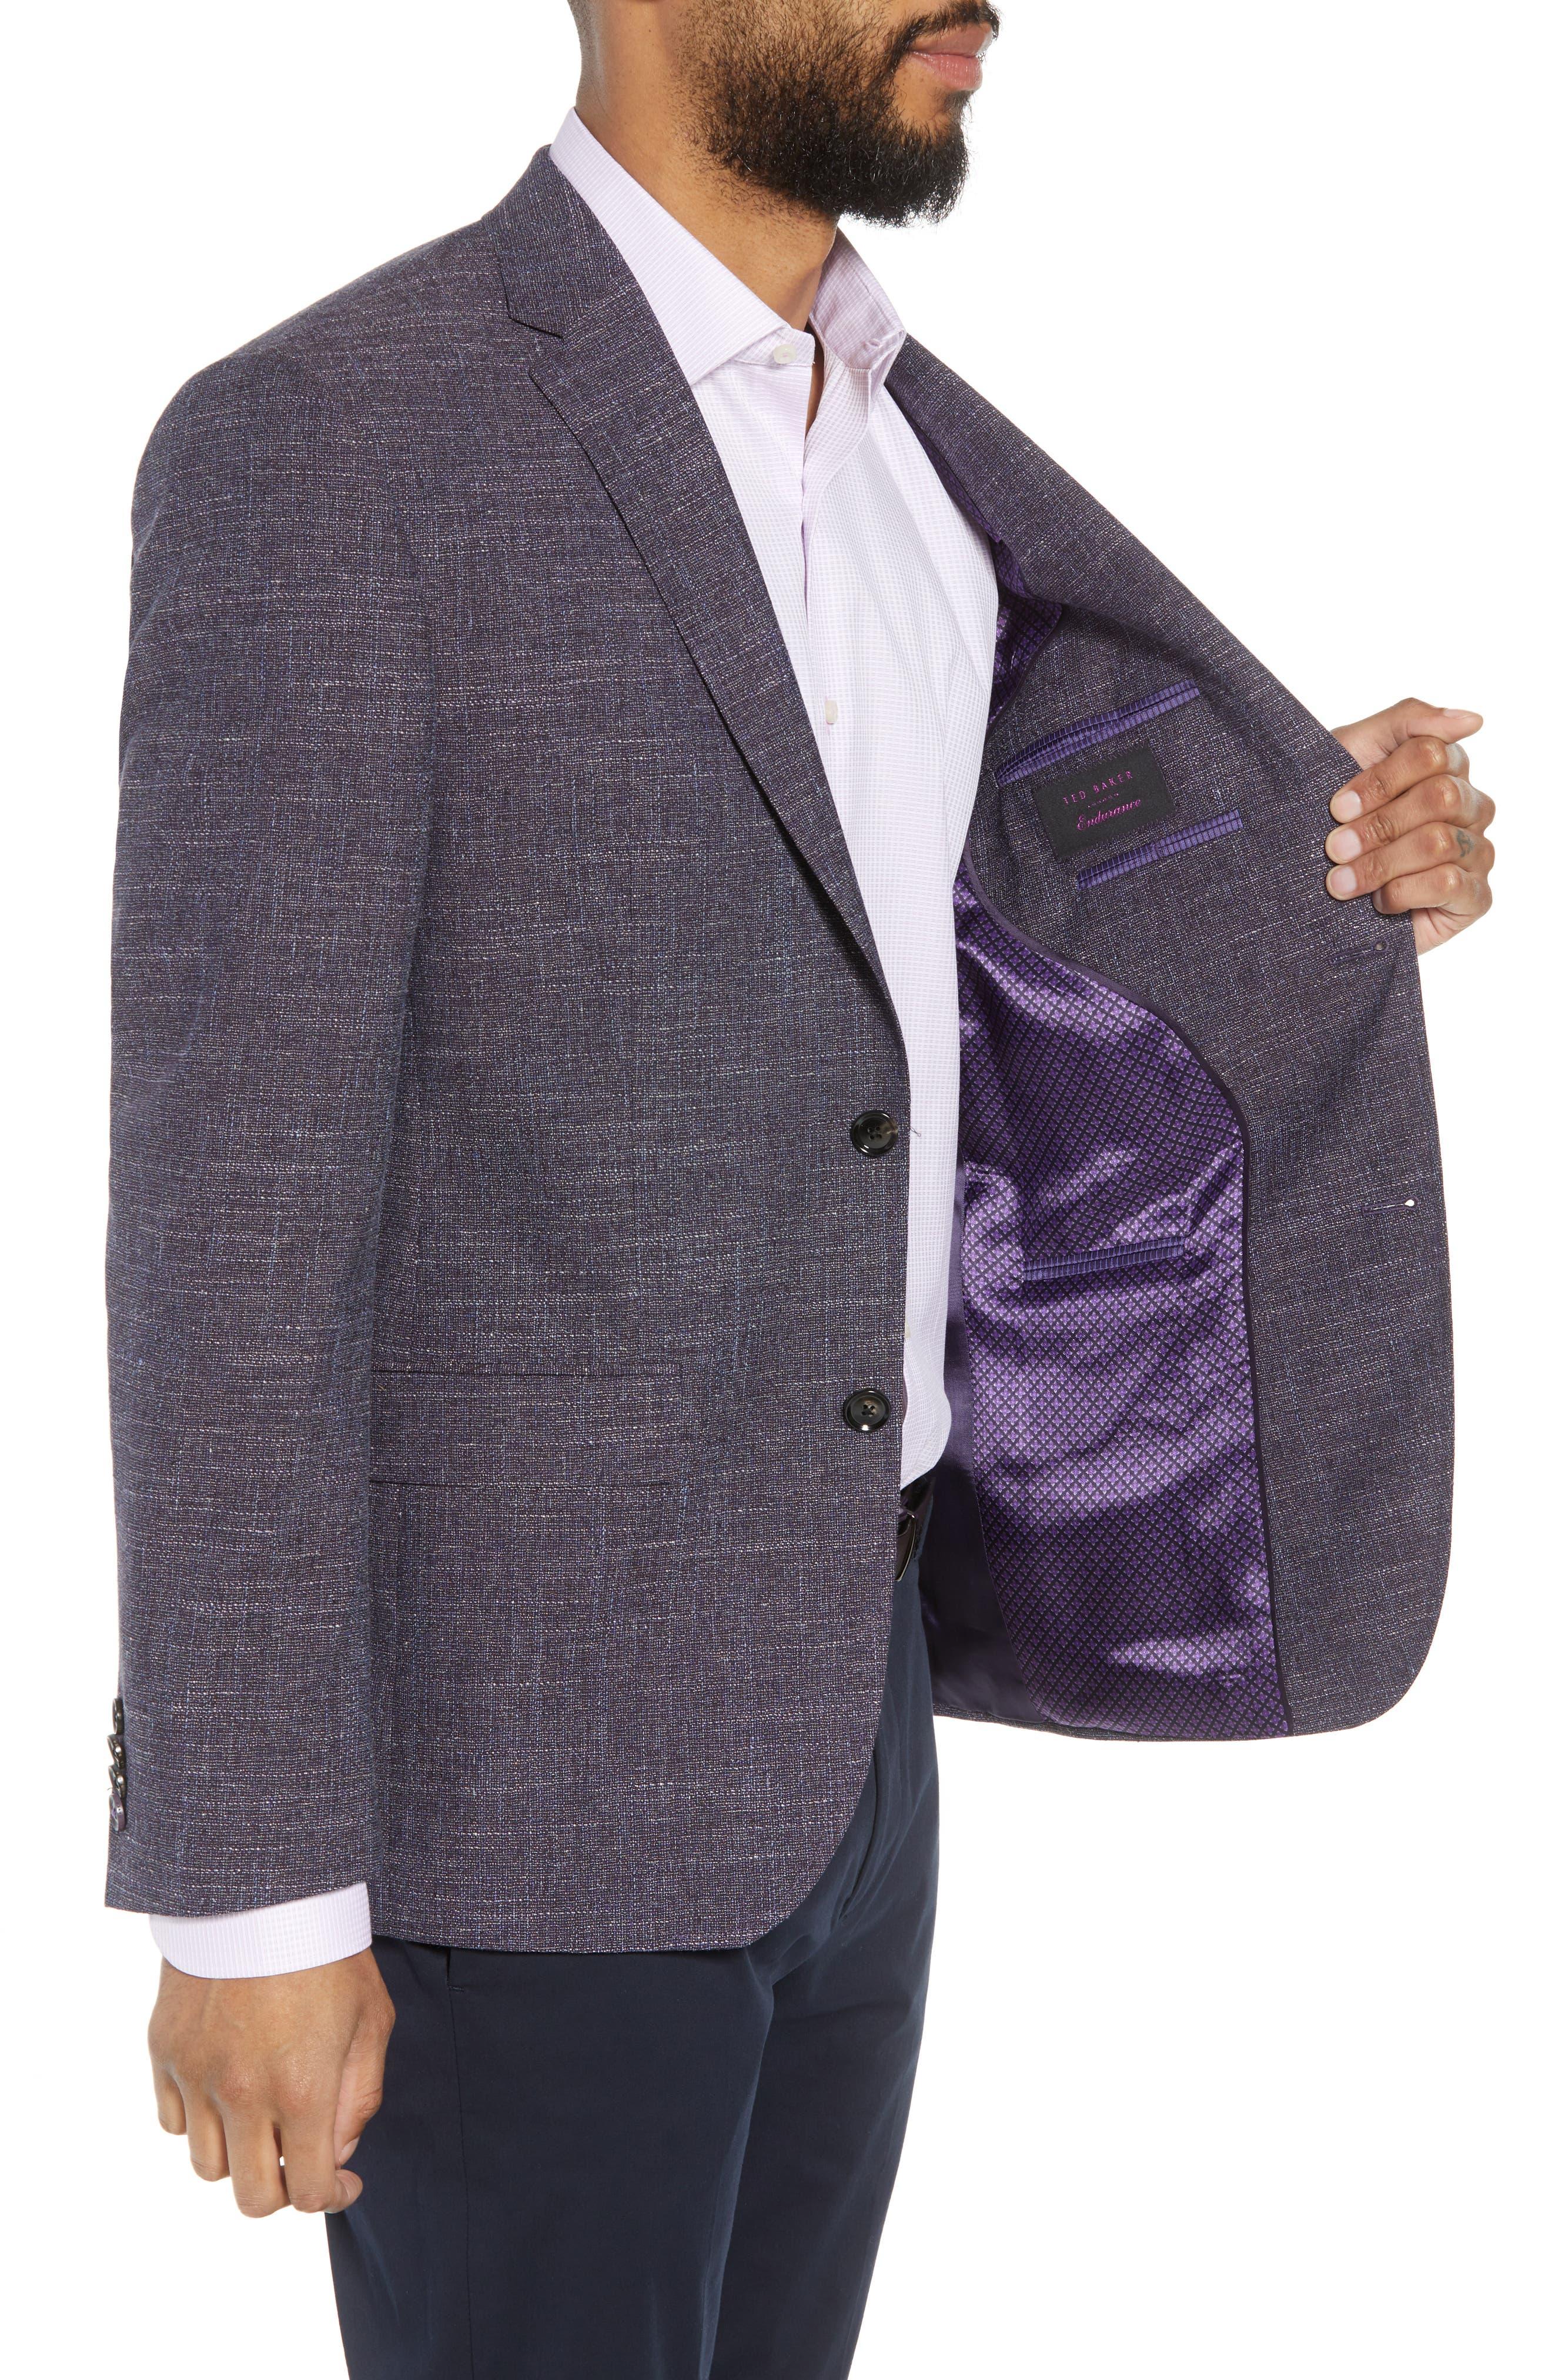 Jay Trim Fit Slubbed Wool, Cotton & Linen Sport Coat,                             Alternate thumbnail 3, color,                             Plum